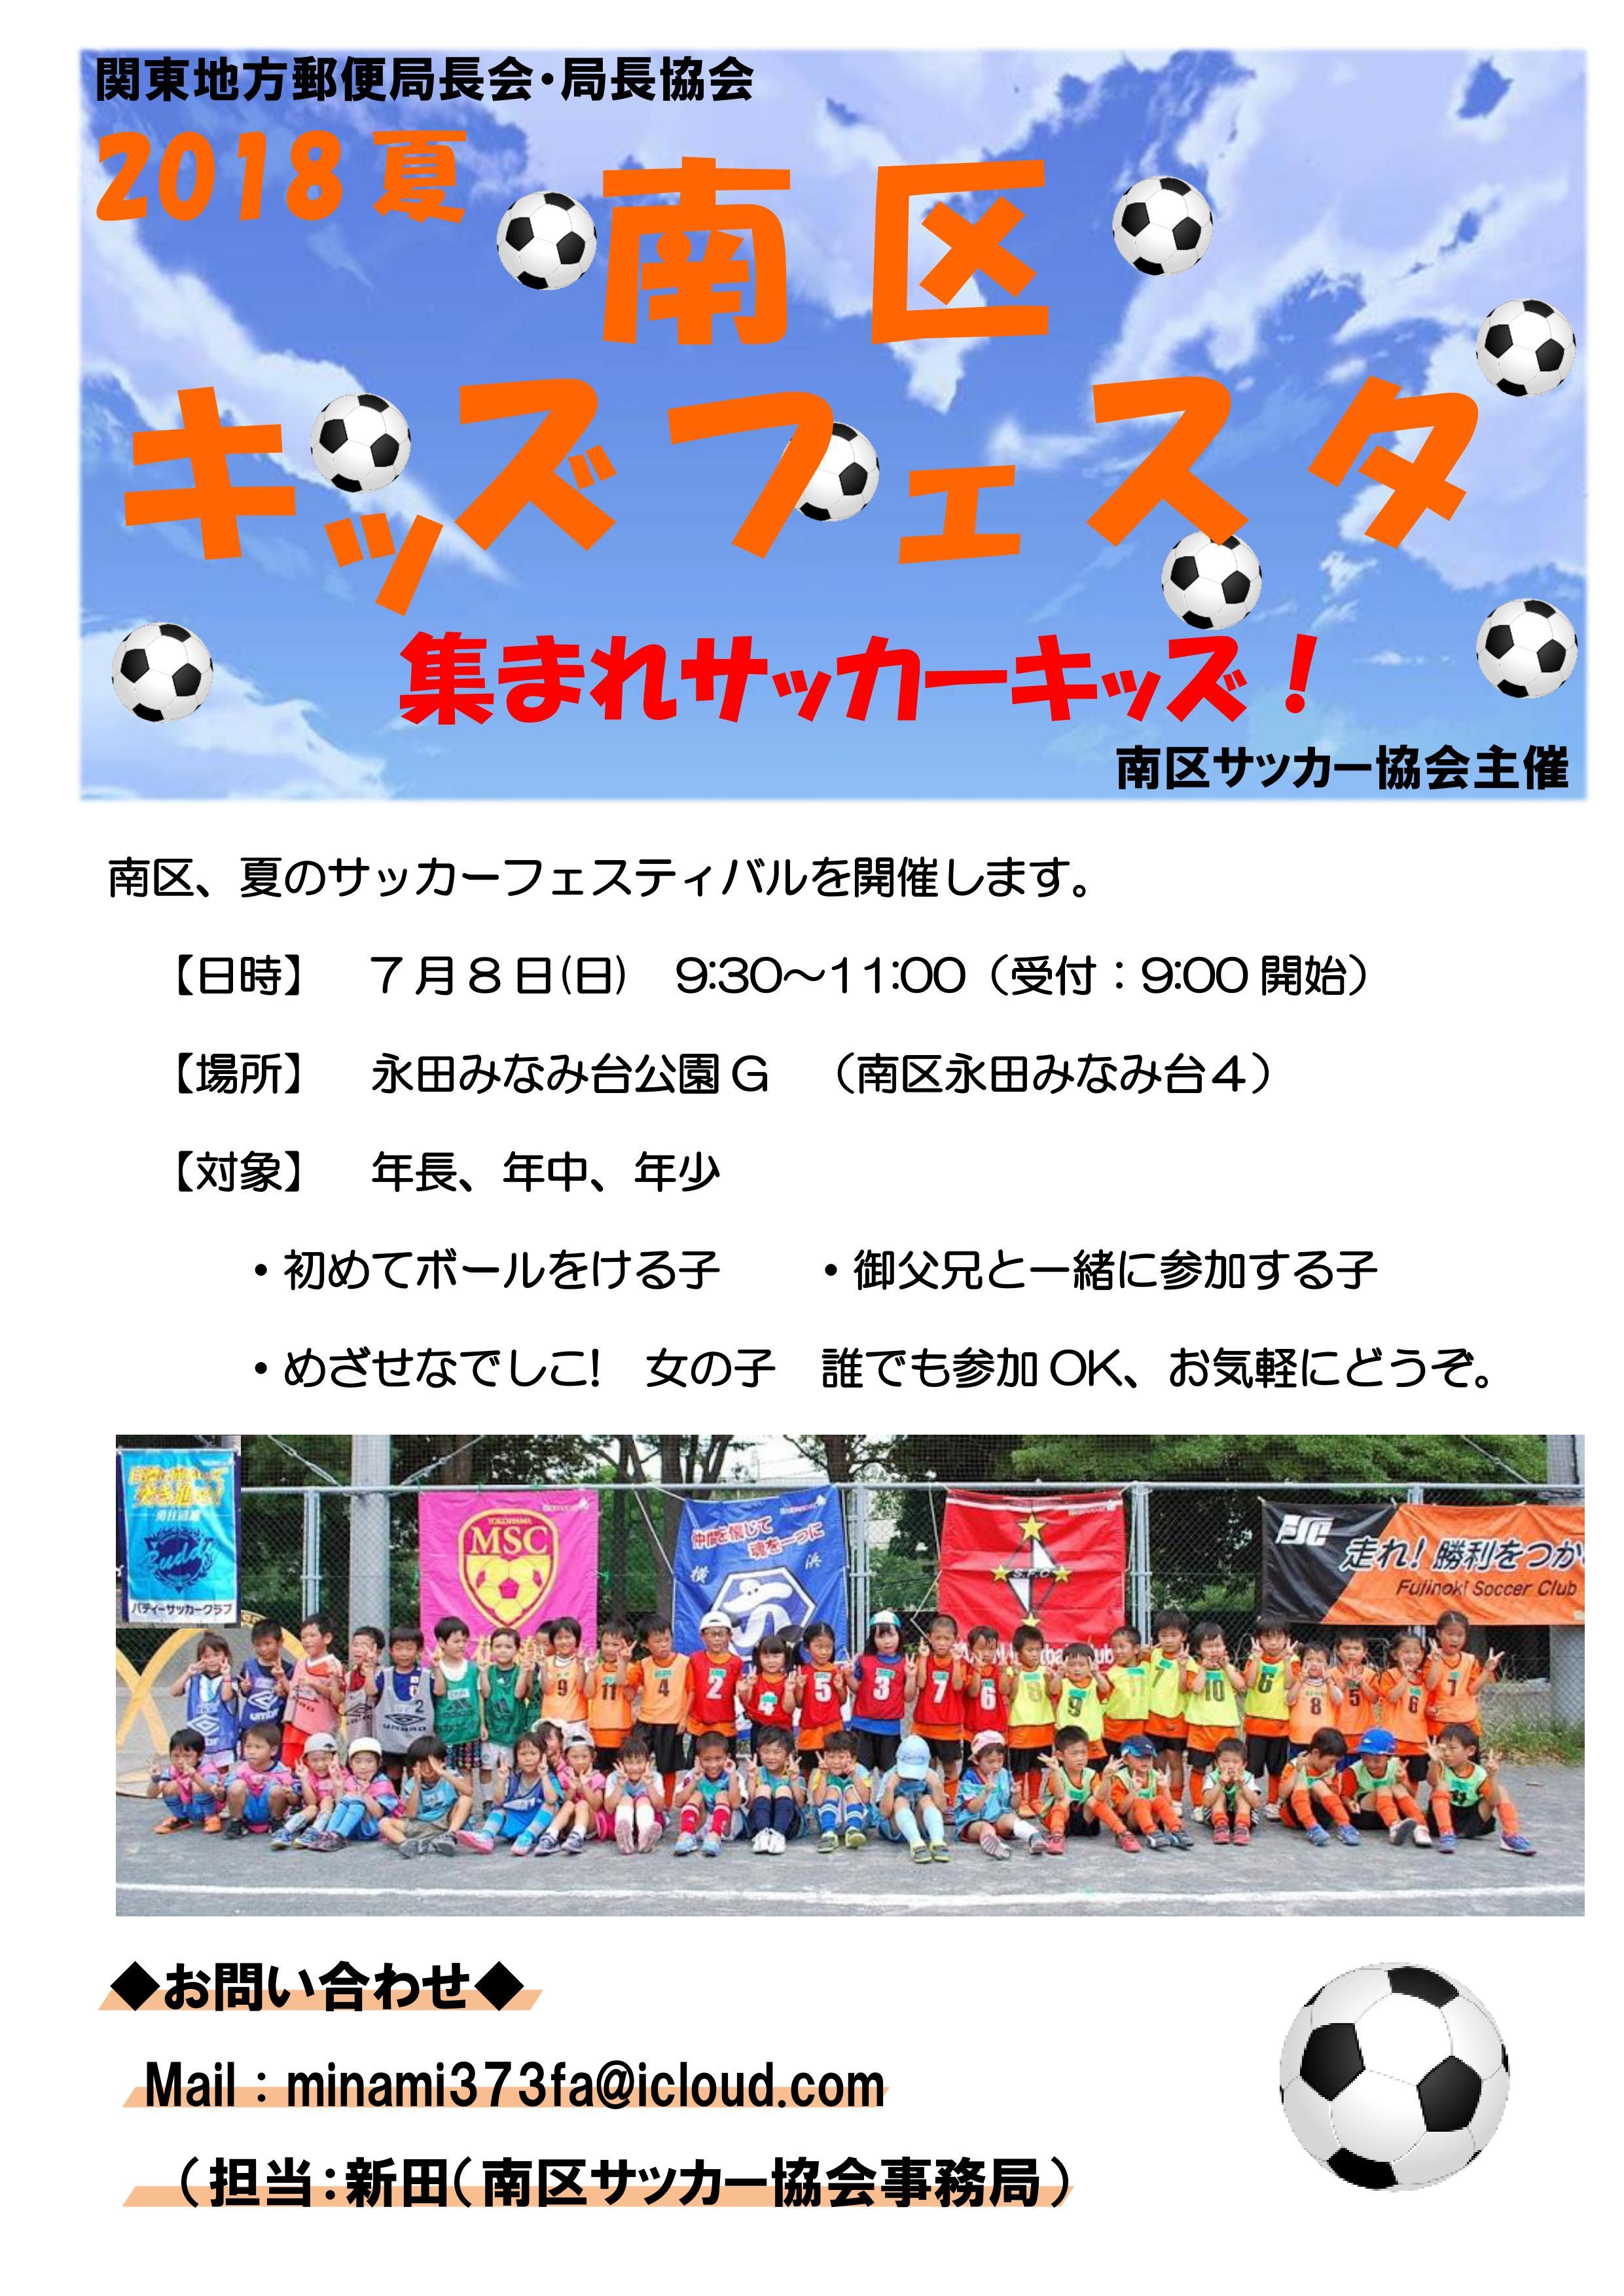 2018夏「南区キッズフェスタ」7月8日(日)開催!